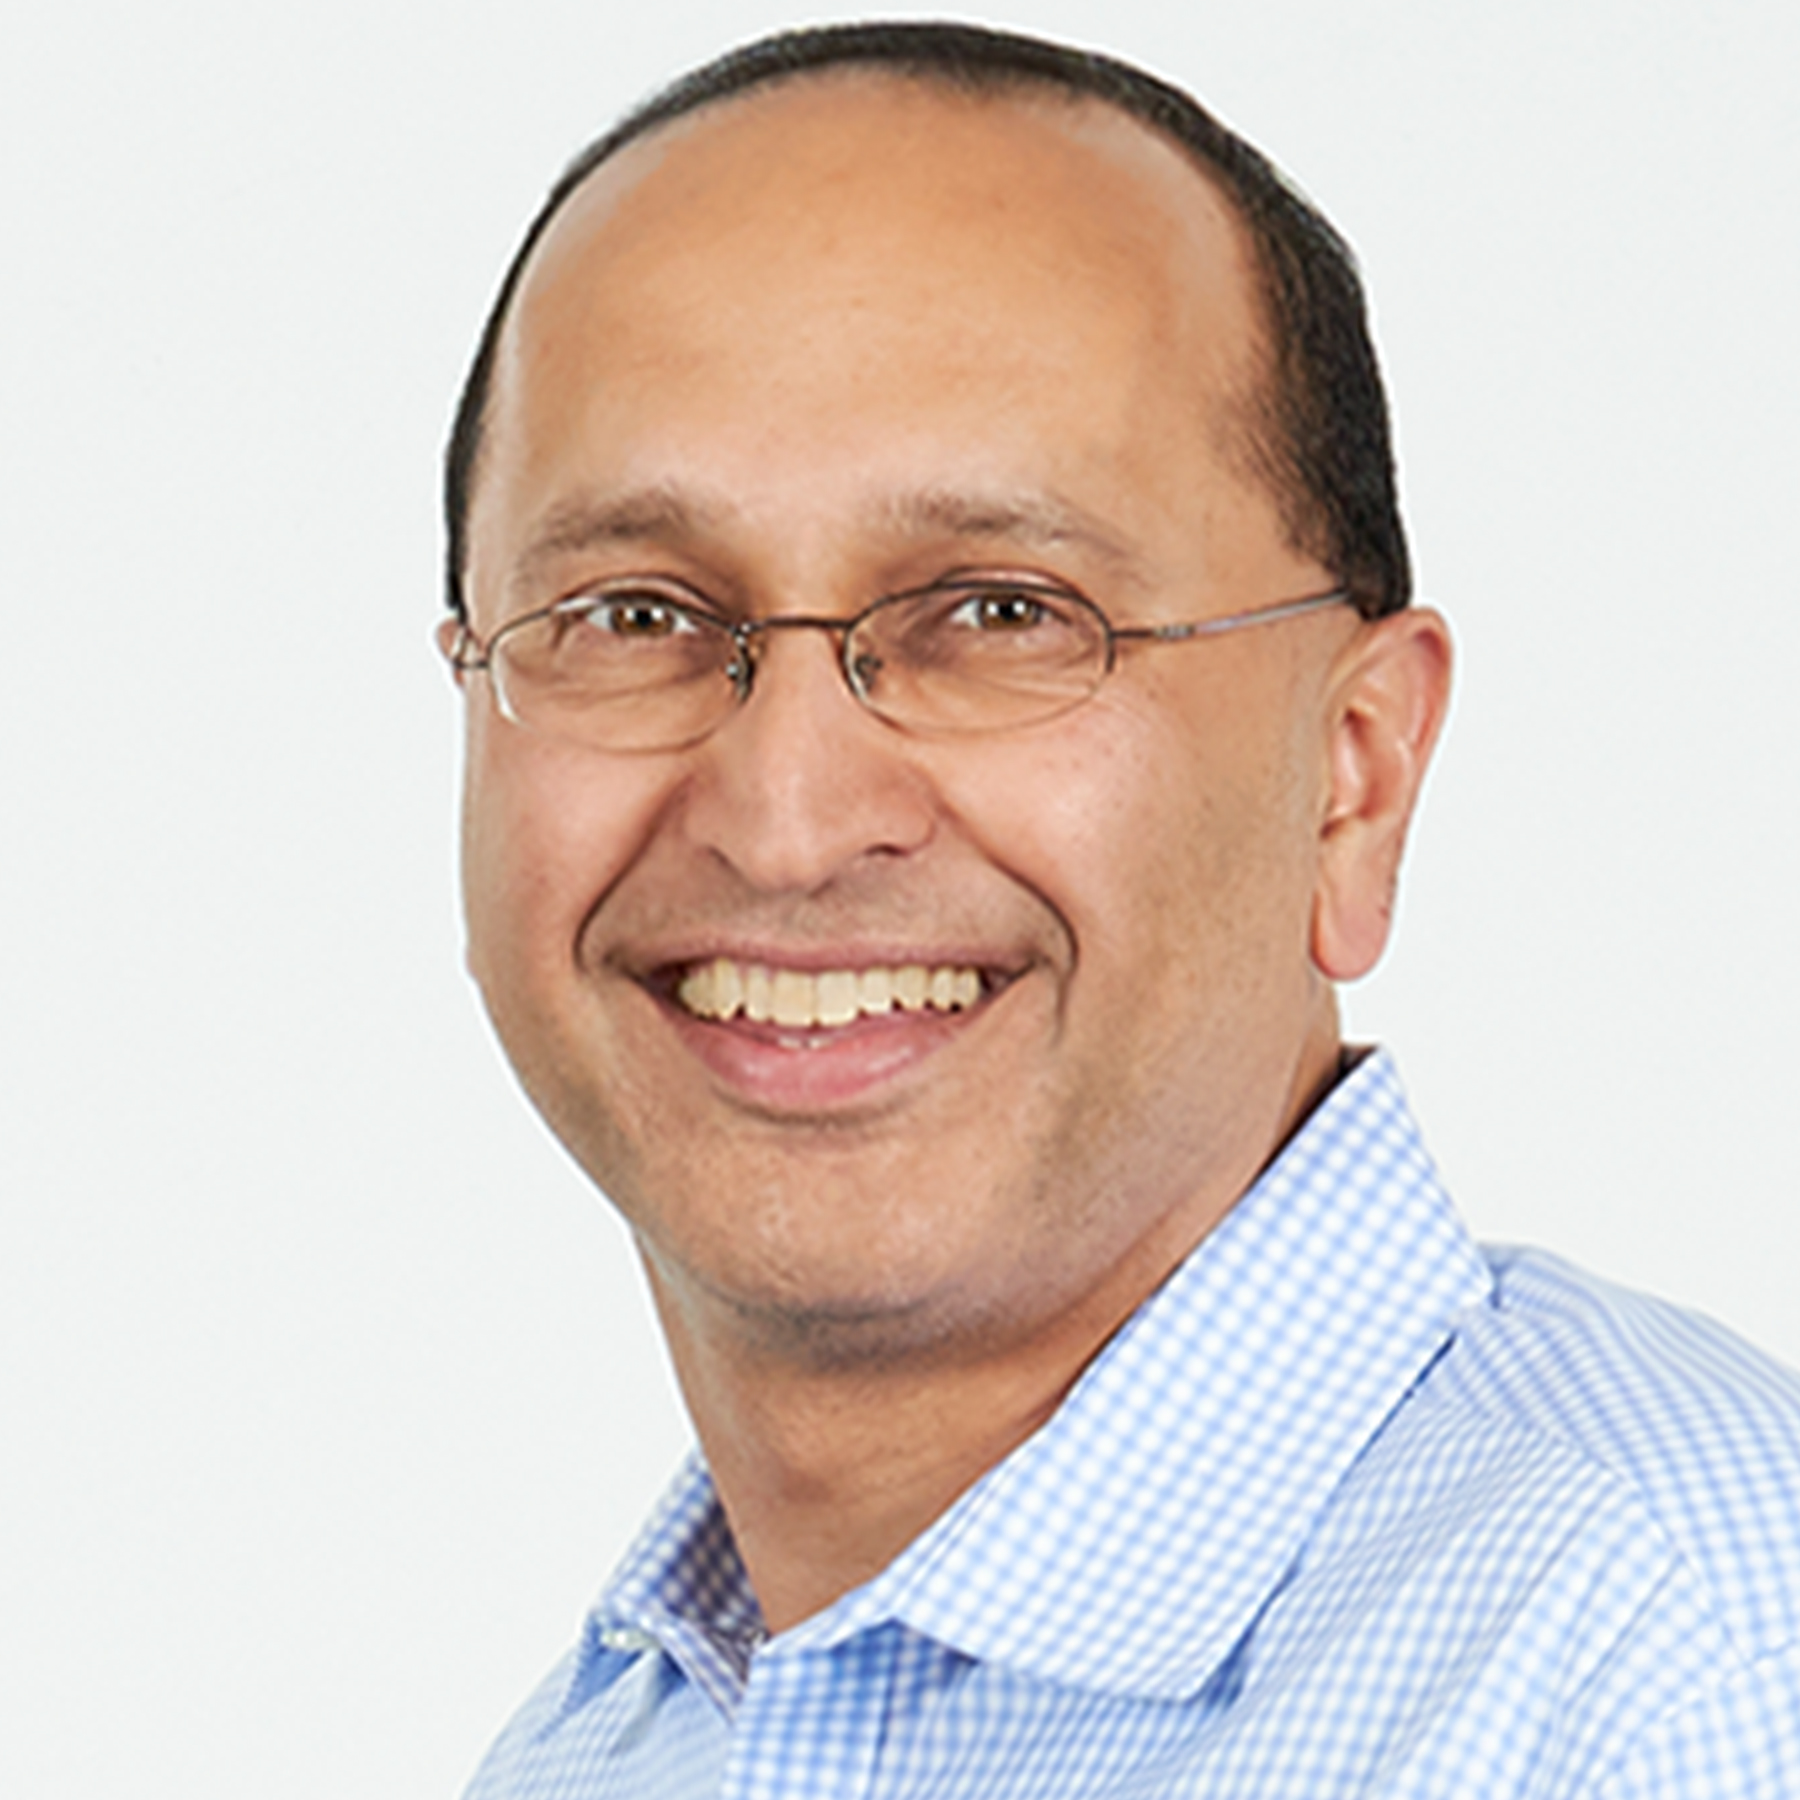 Navin Chaddha